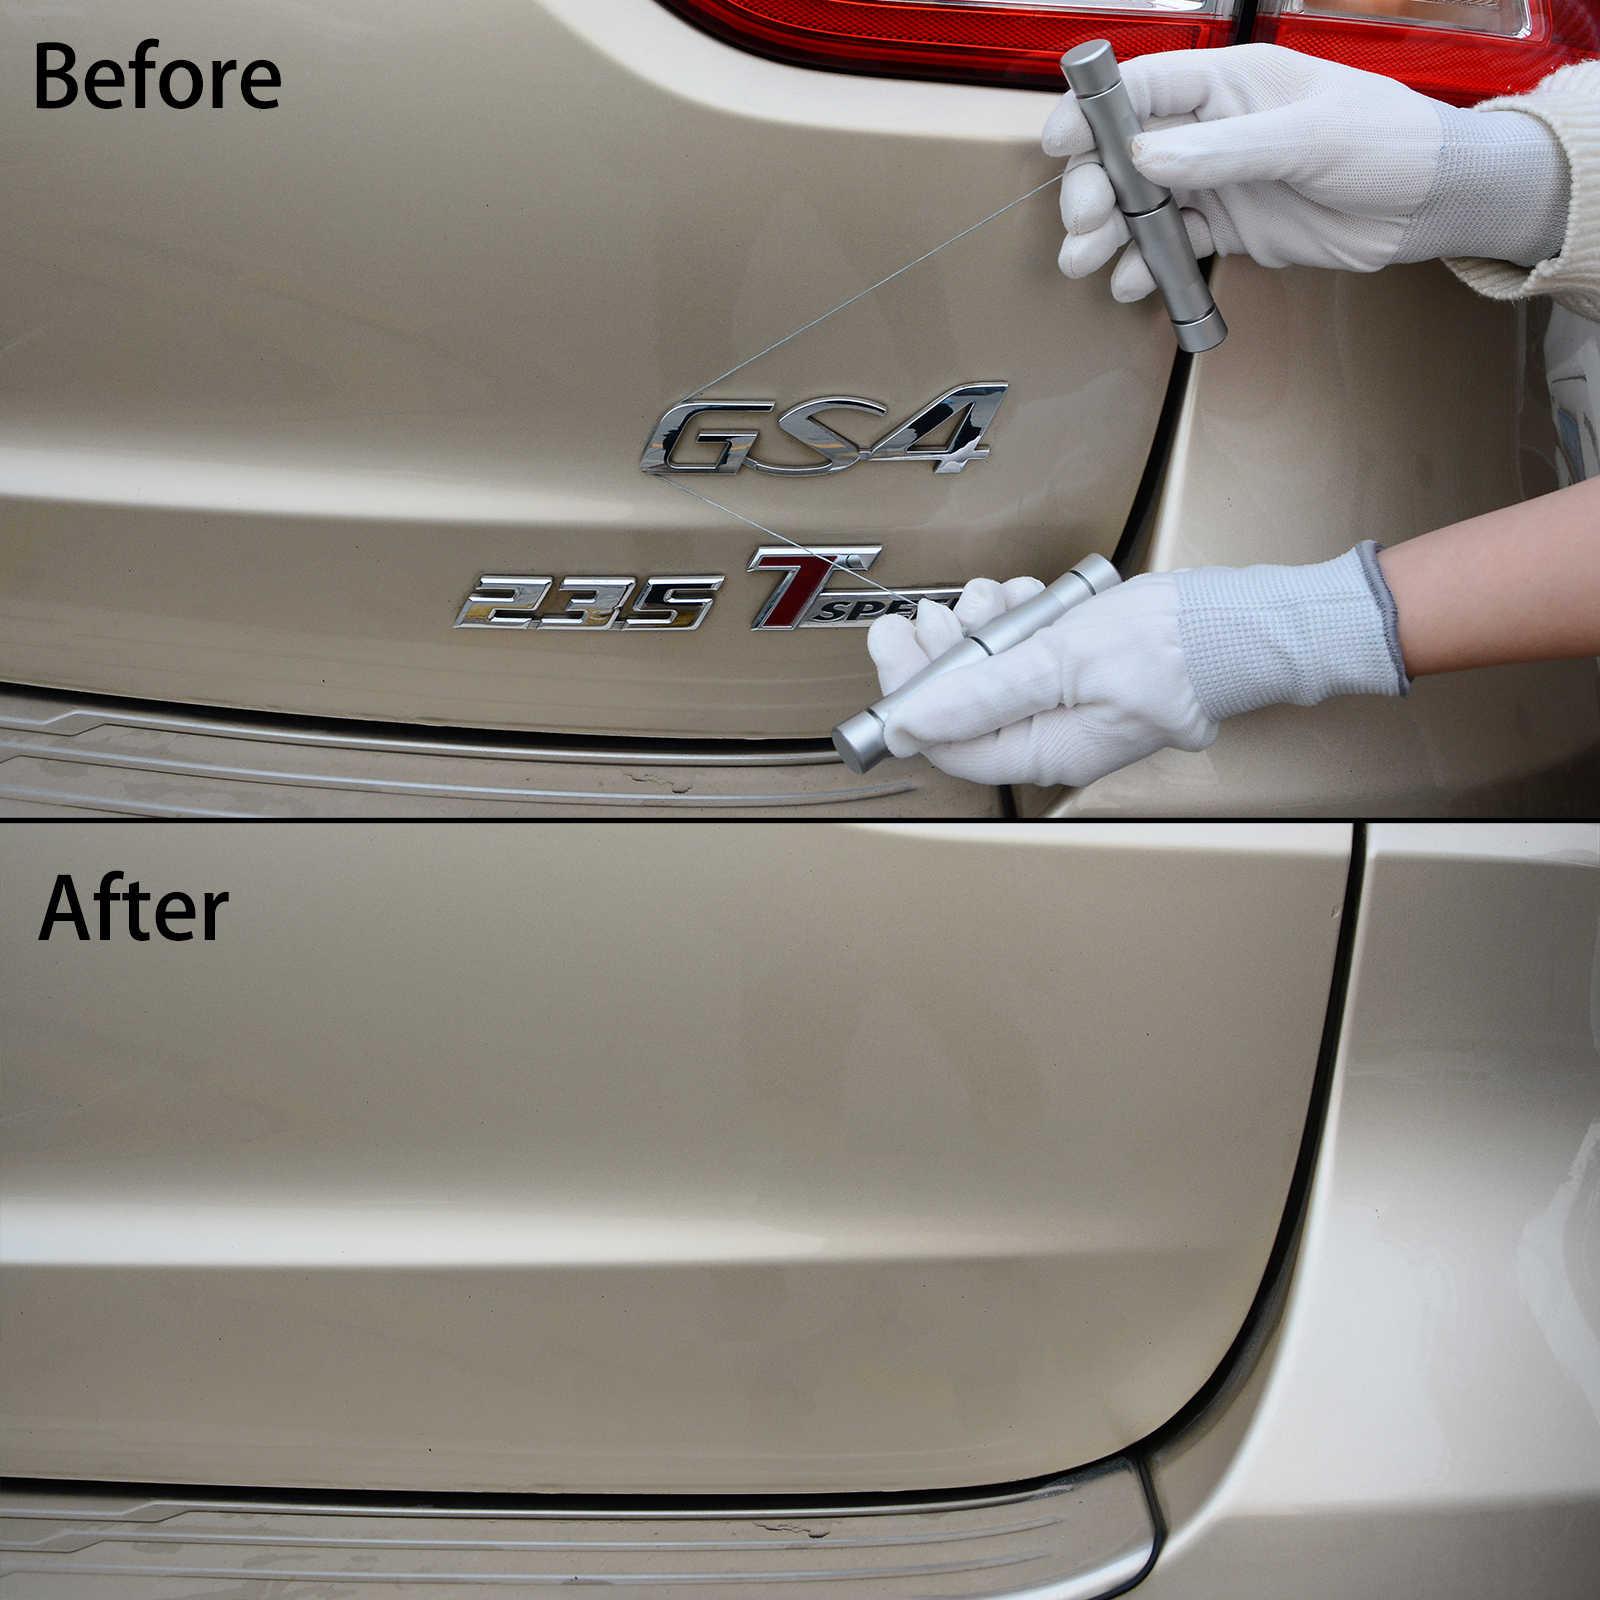 EHDIS araba logosu amblemler sökücü otomatik ön arka işareti etiket kazıma kolu 4 PE hattı ev pencere tutkal etiket temiz aracı